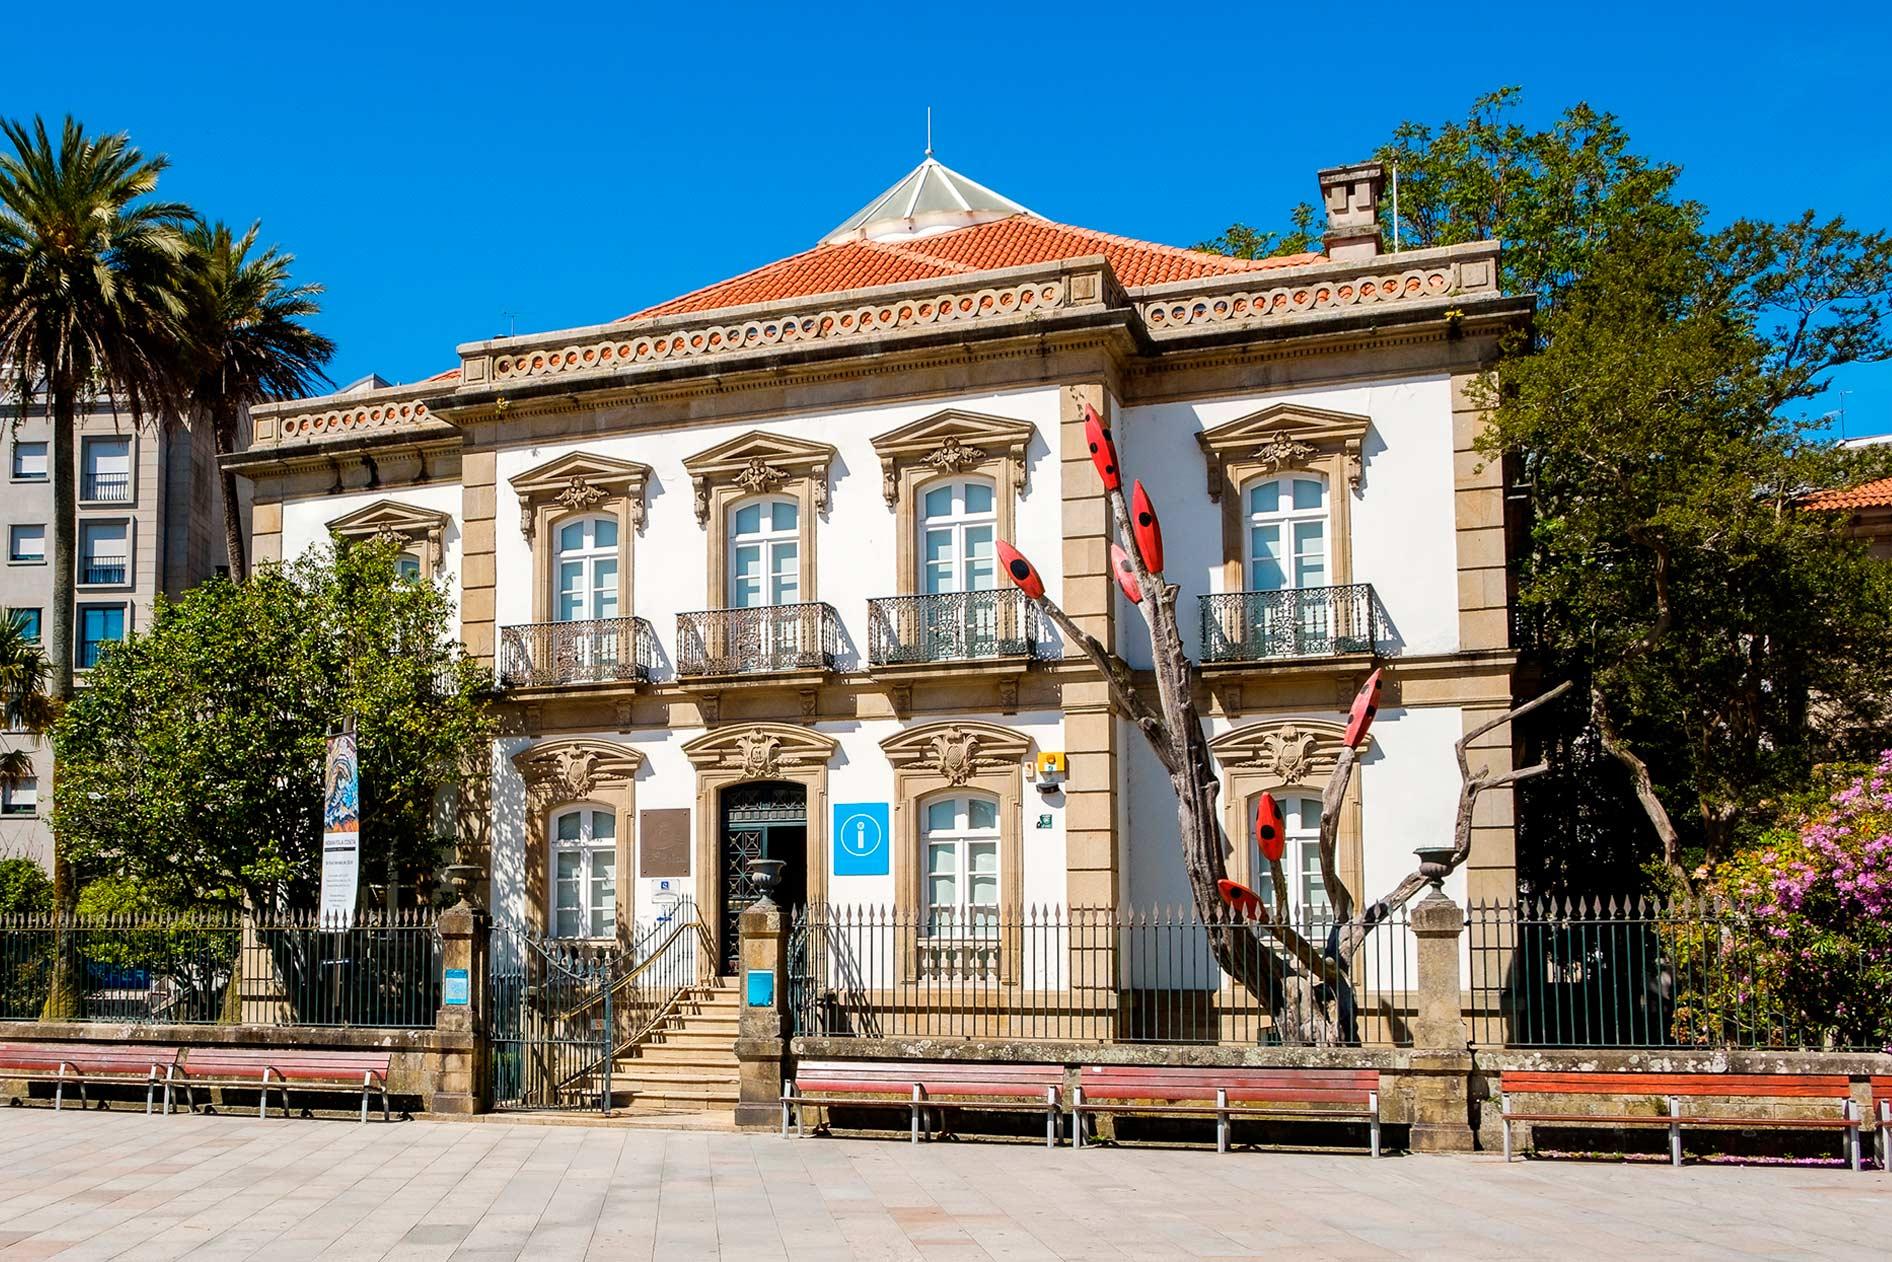 Palacete Mendoza